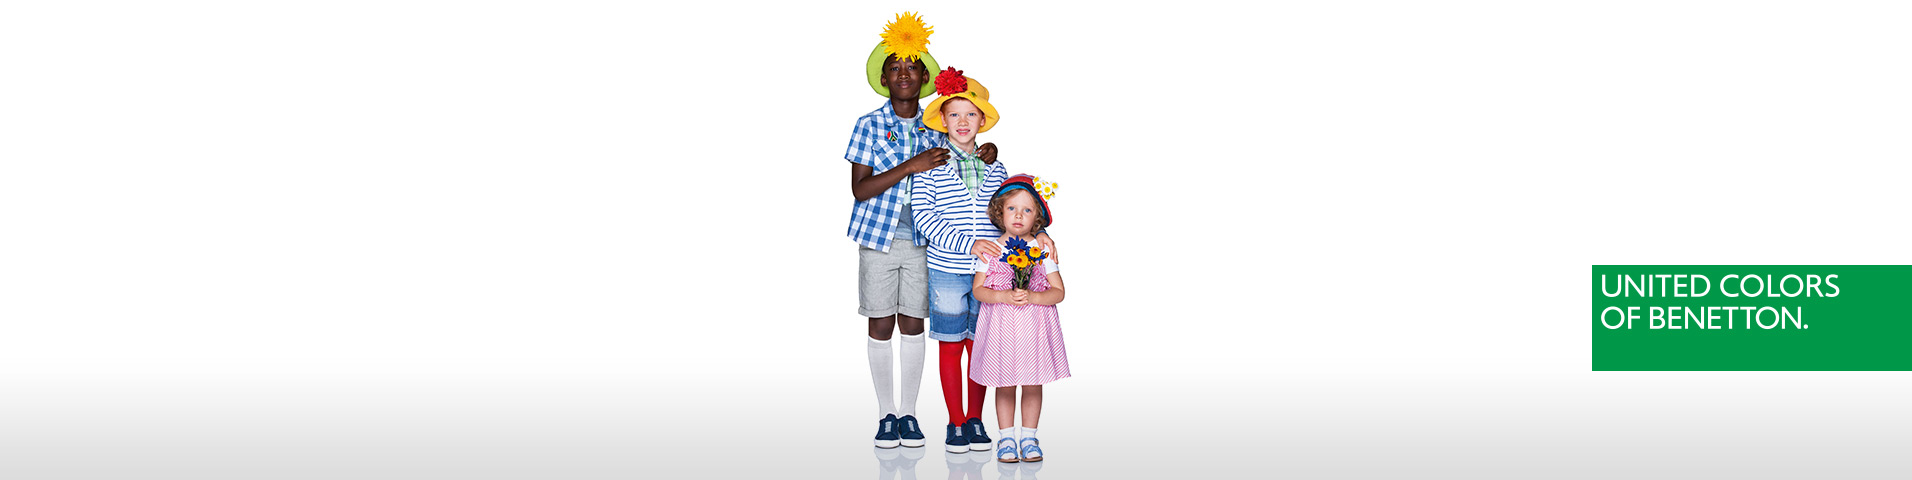 61e29f49f332 Abbigliamento per bambini Benetton